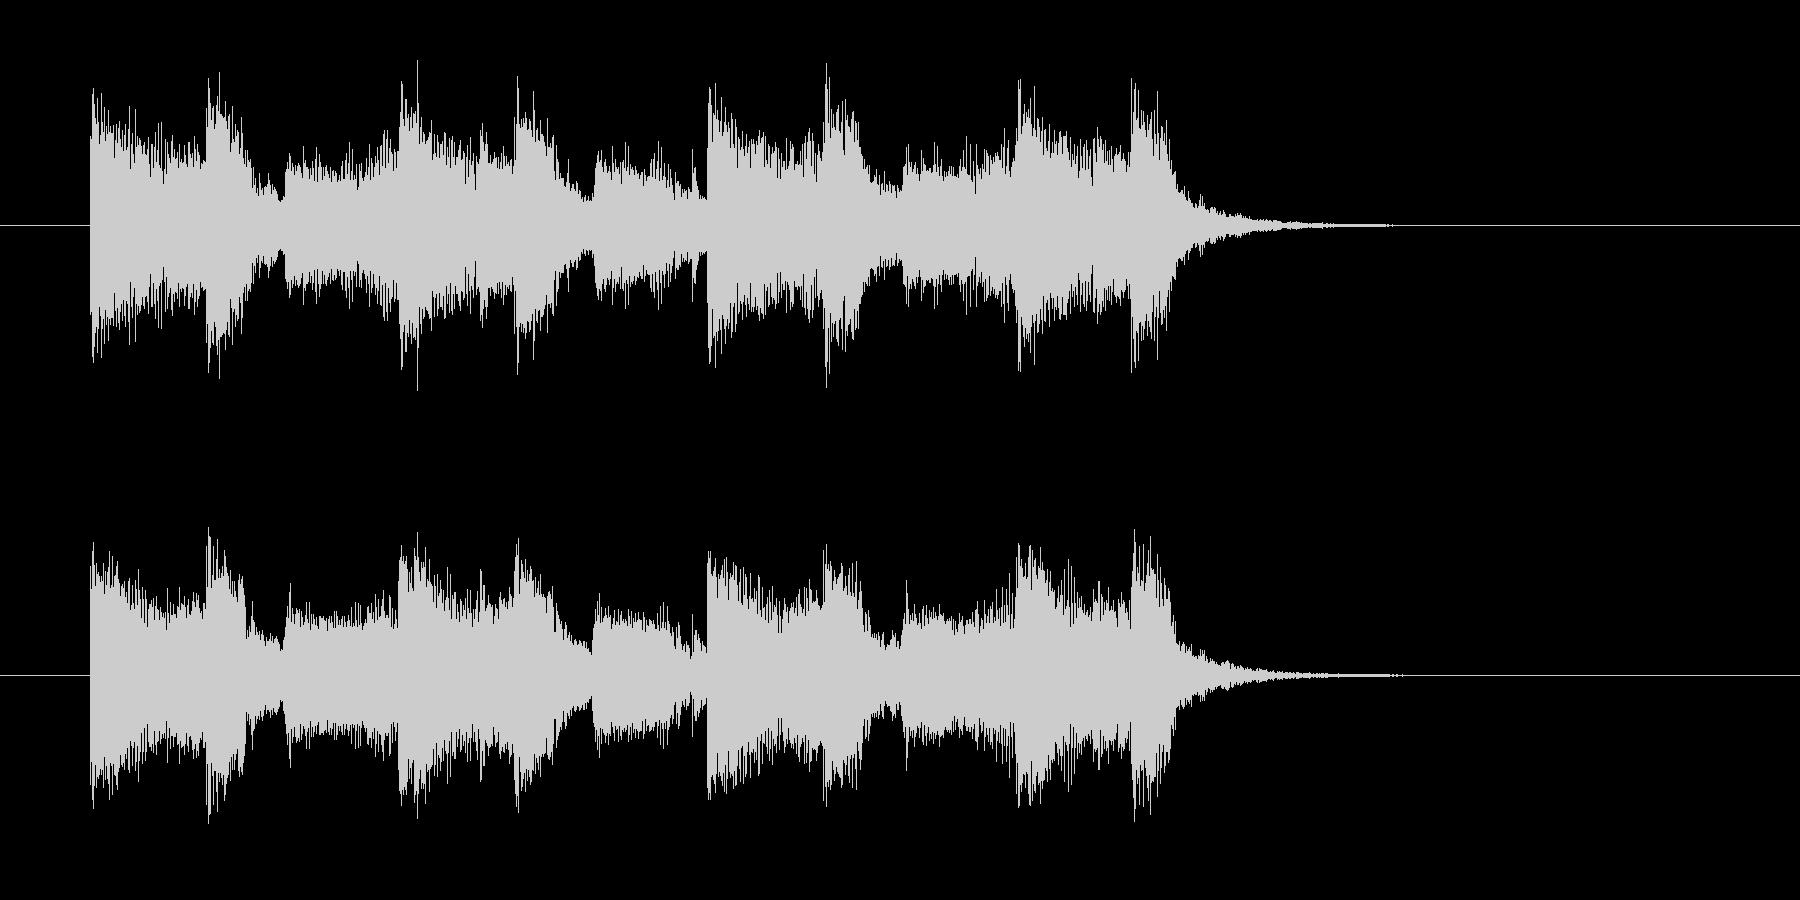 ギターとドラムのパンチのあるサウンドの未再生の波形